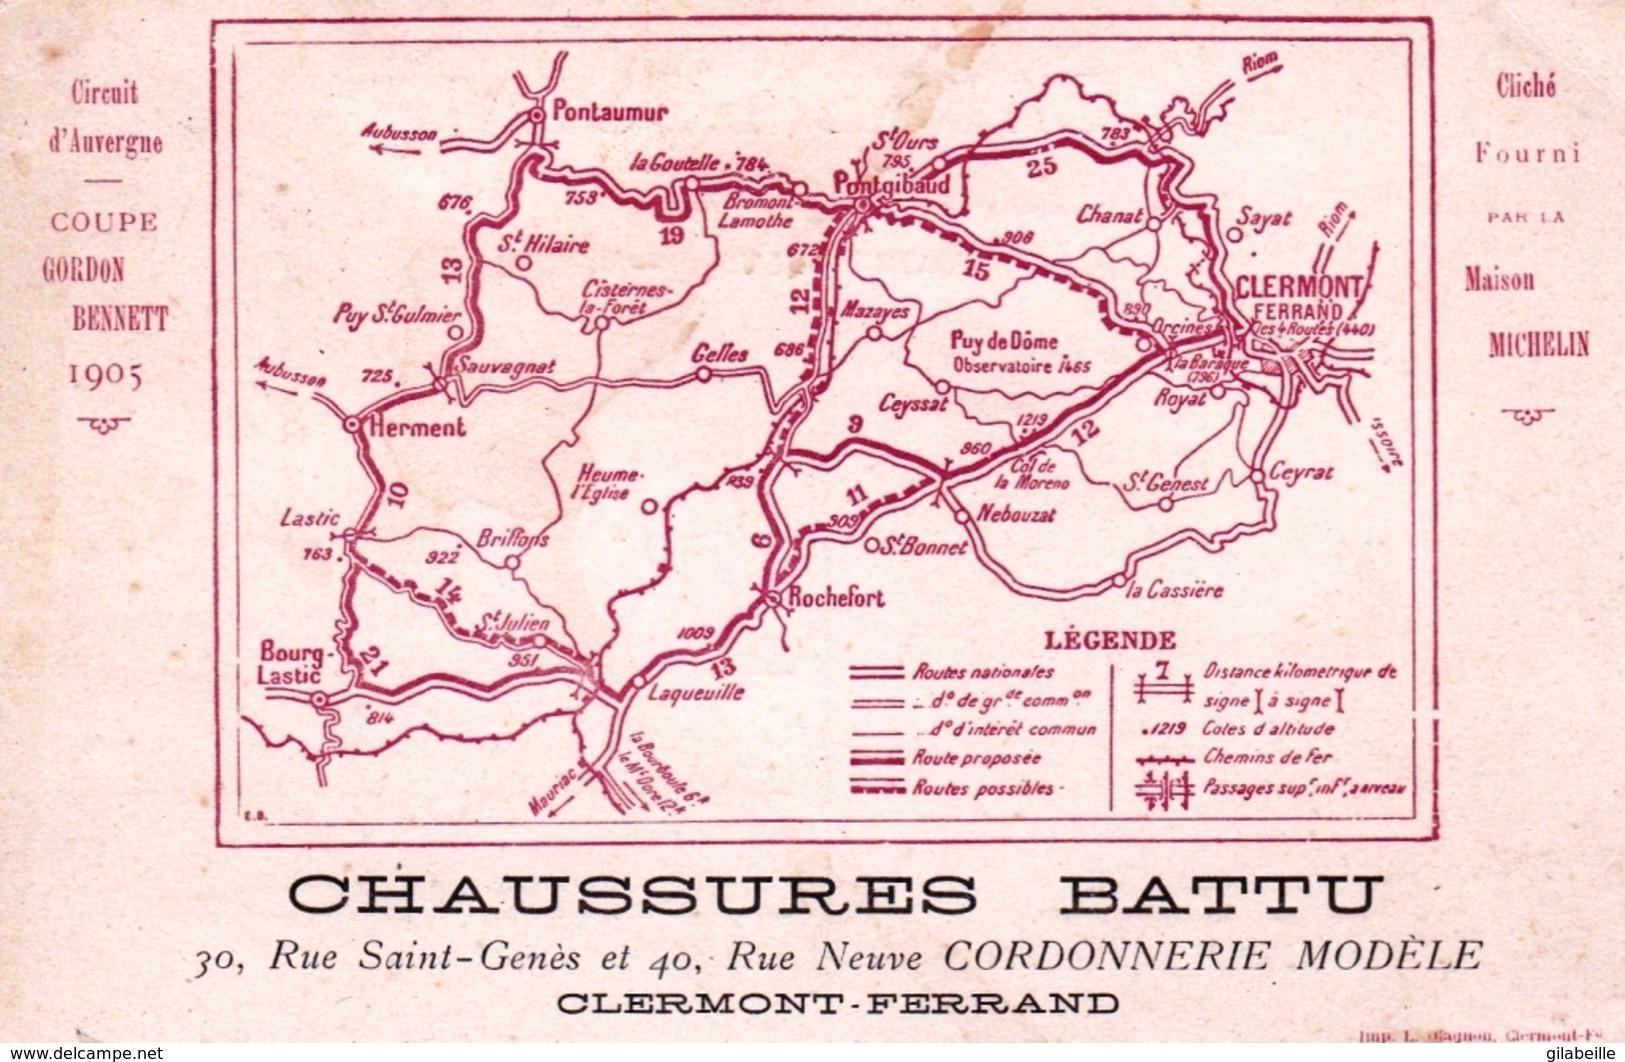 63 - CLERMONT FERRAND -  Chaussures Battu, Coupe Gordon Bennett 1905, Circuit D'Auvergne - Cliché Maison Michelin - Clermont Ferrand